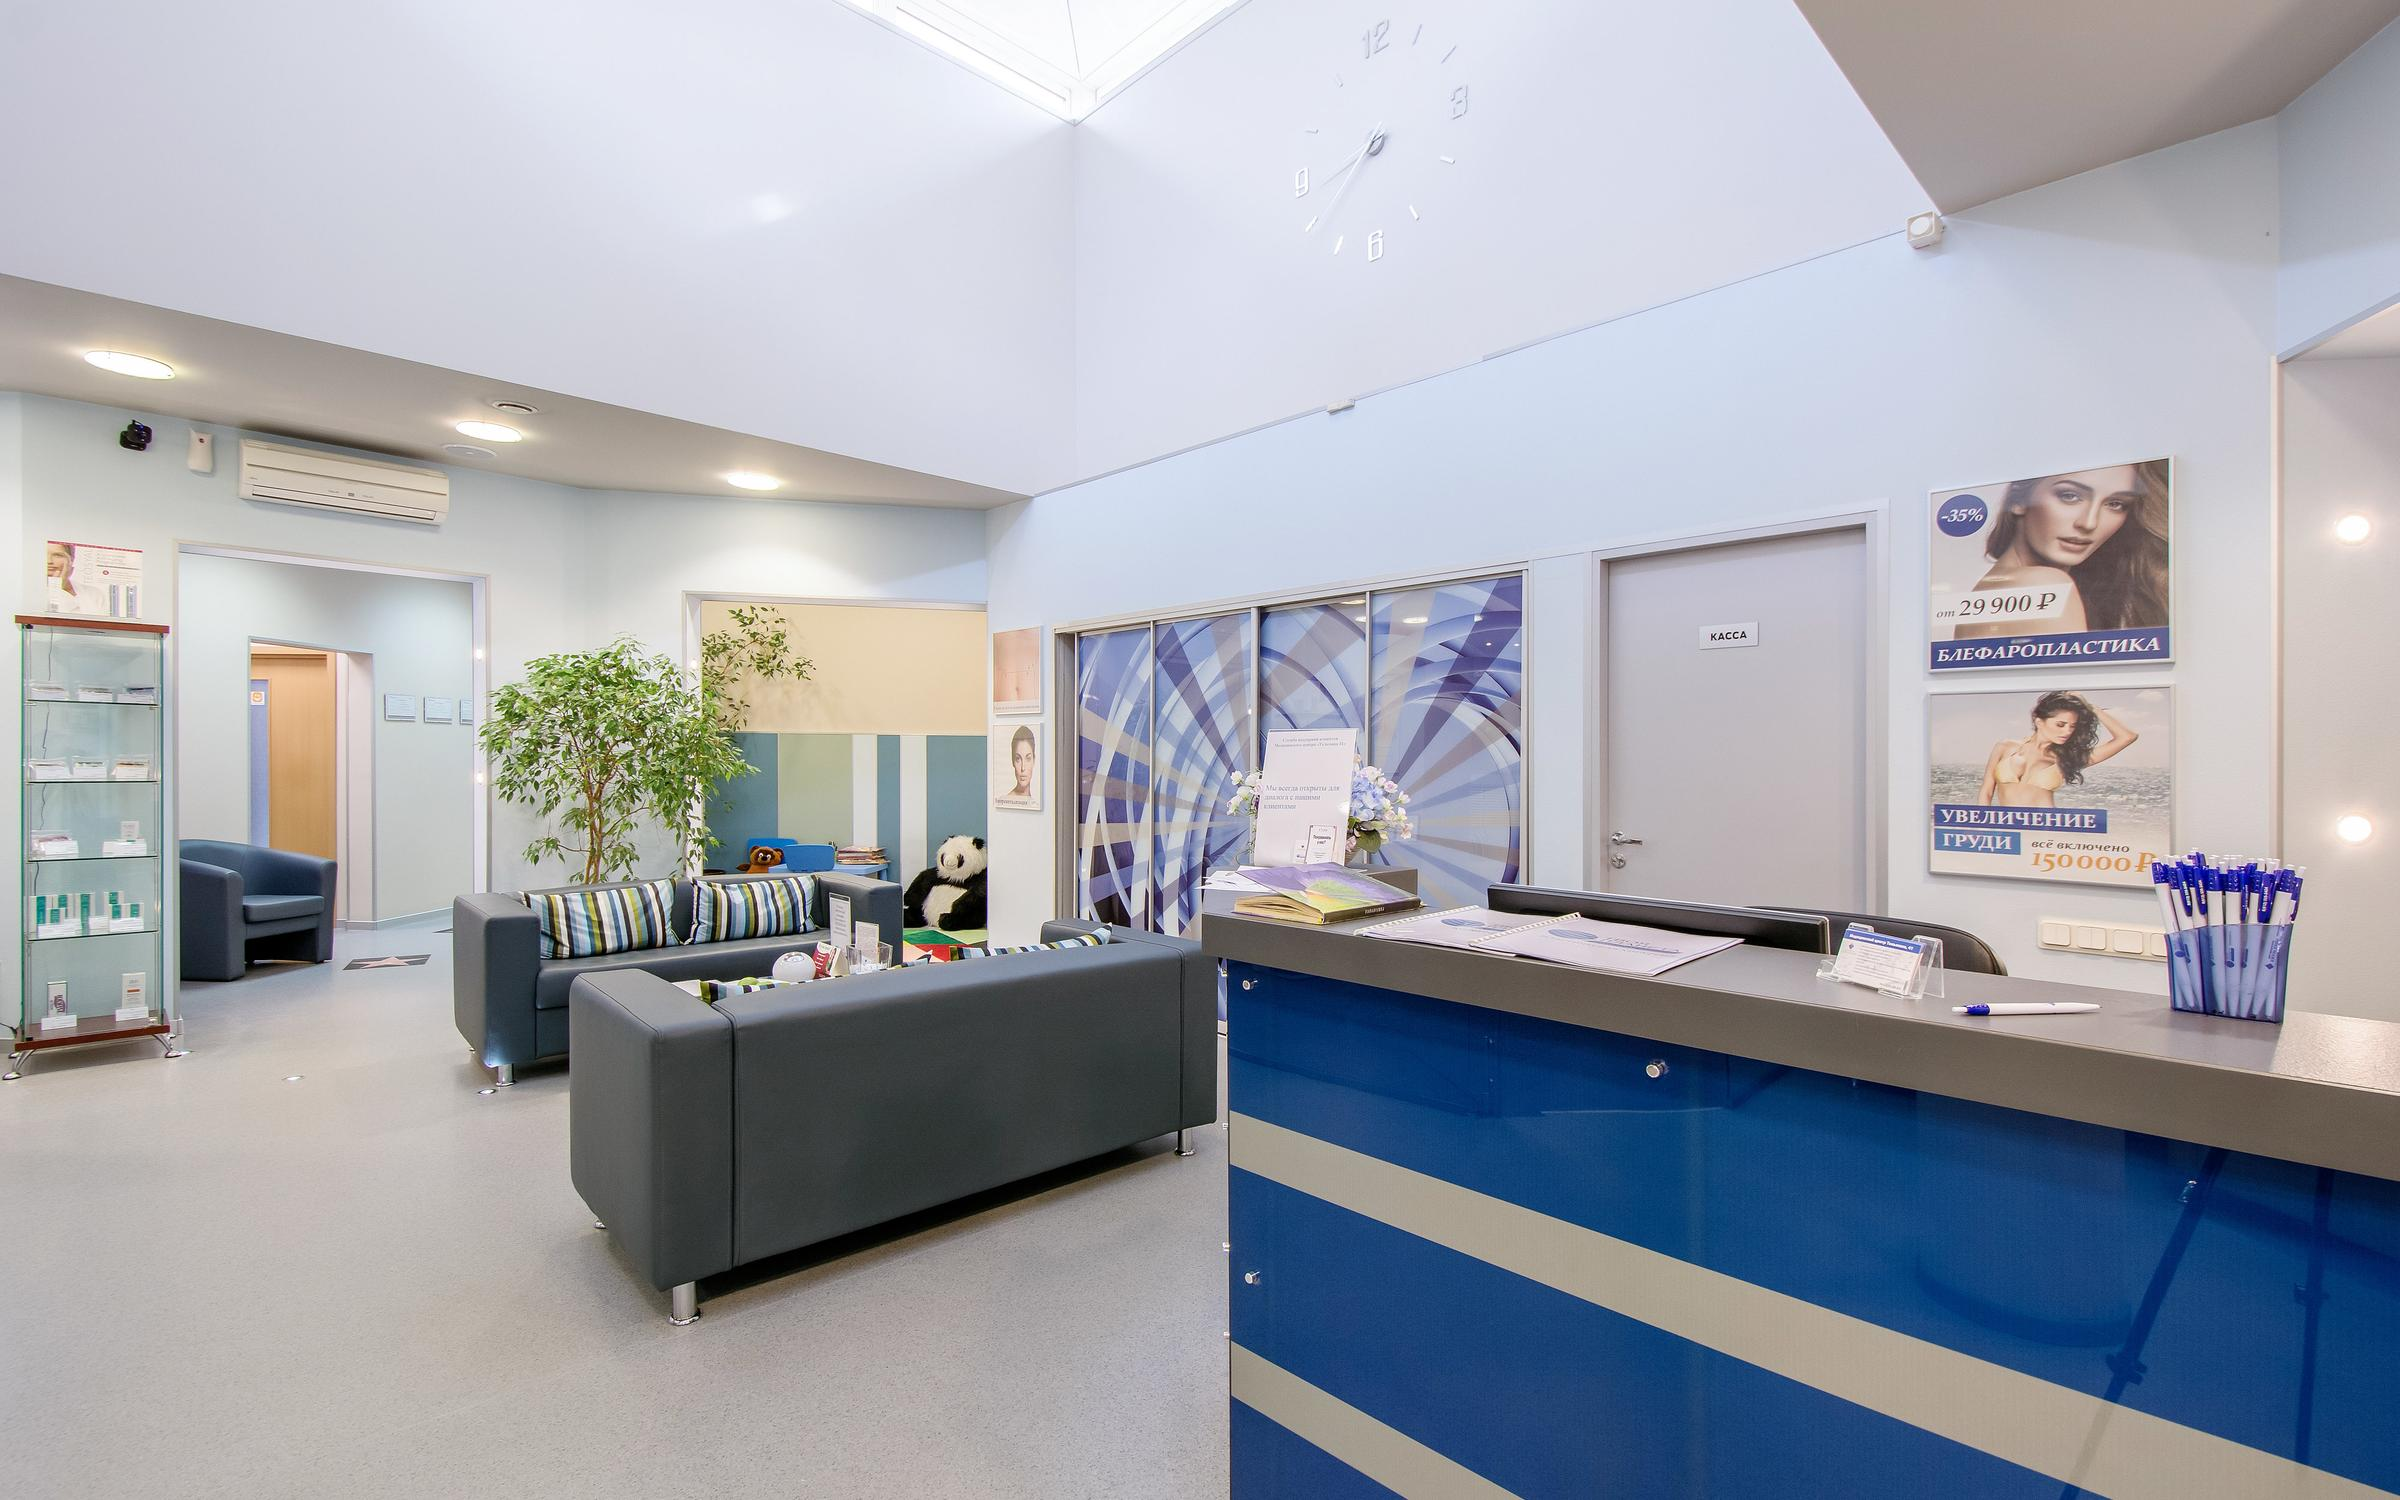 фотография Медицинского центра Тельмана 41 (Центр имплантологии доктора Зорина)